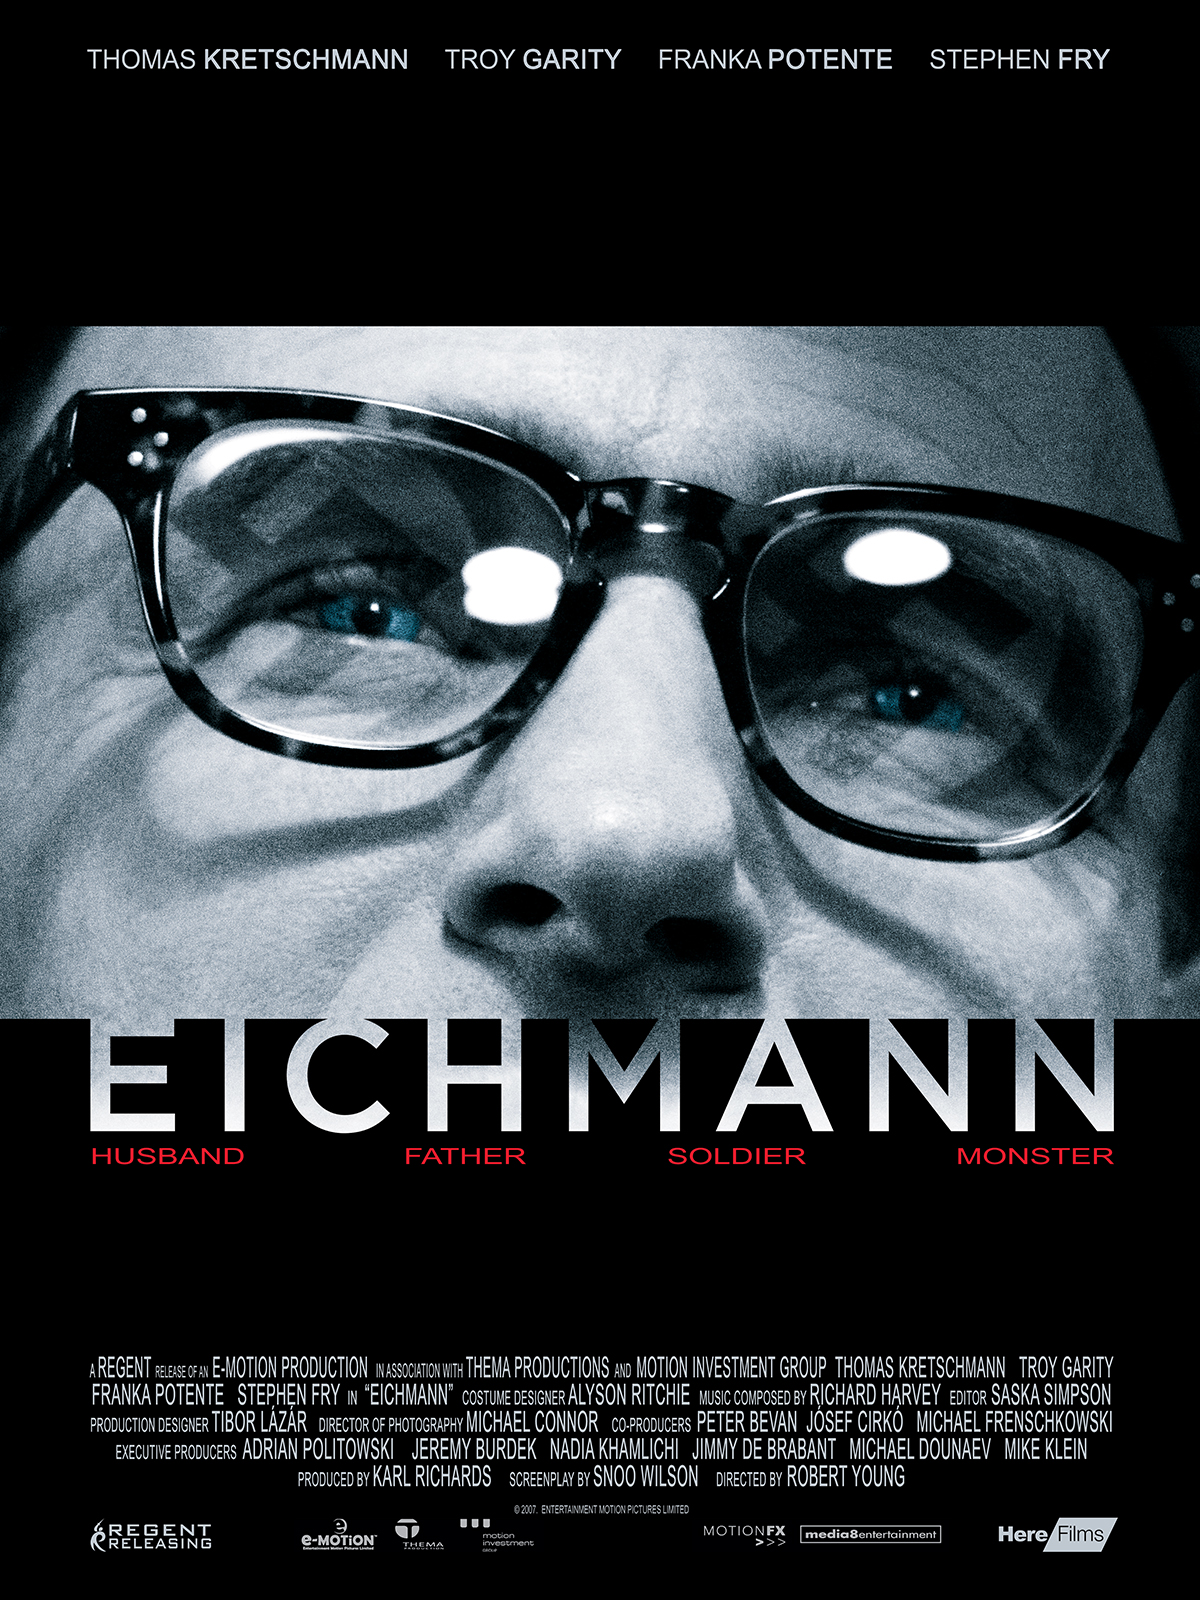 Here-Eichmann-Full-Image-en-US.jpg